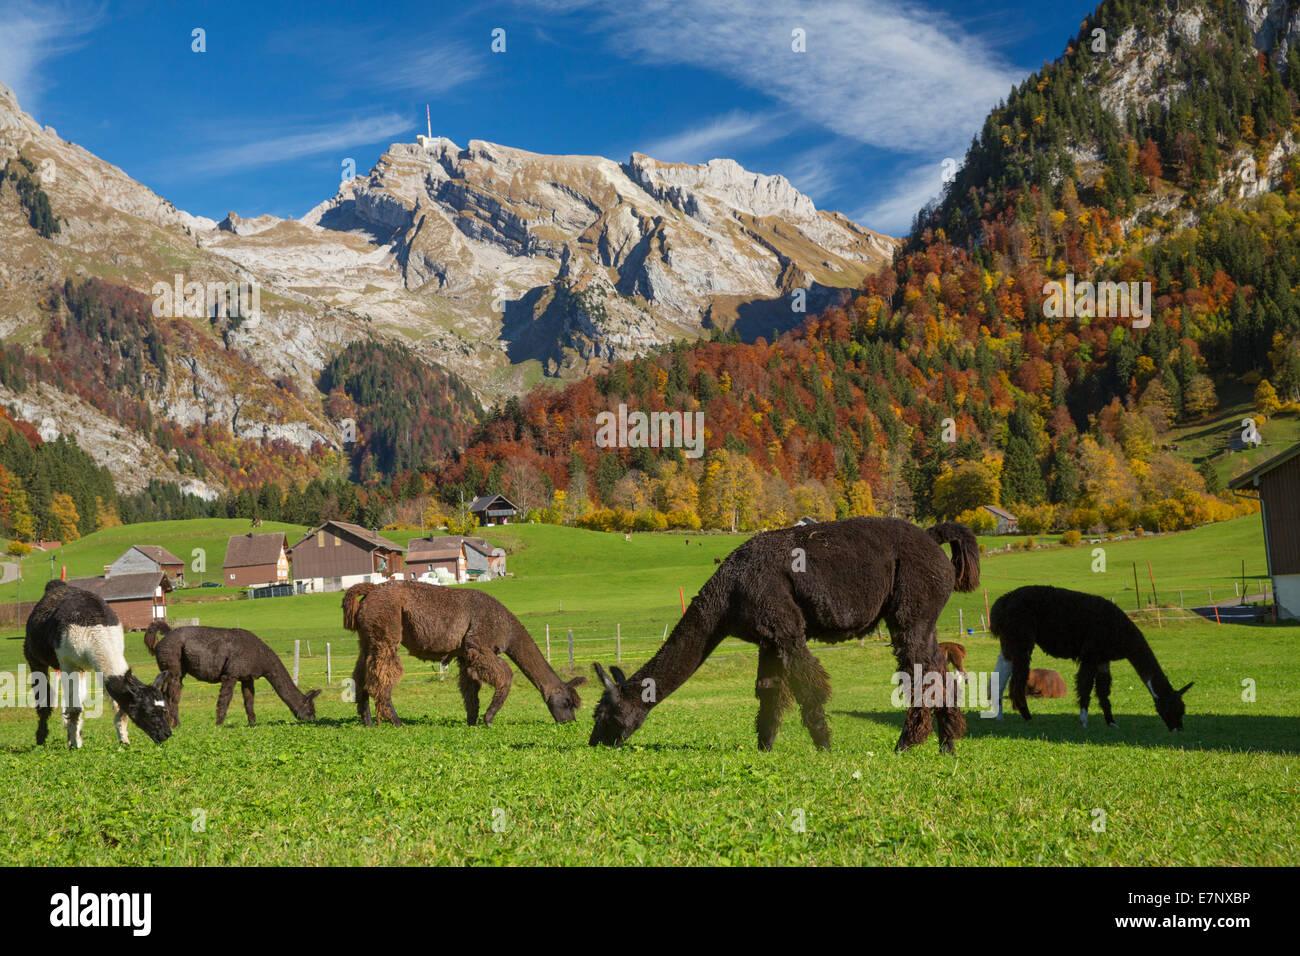 Toggenburg, llamas, lama, Unterwasser, Toggenburg, Alpstein, Säntis, montaña, montañas, otoño, SG, en el cantón de San Gallen, Alpstein Foto de stock